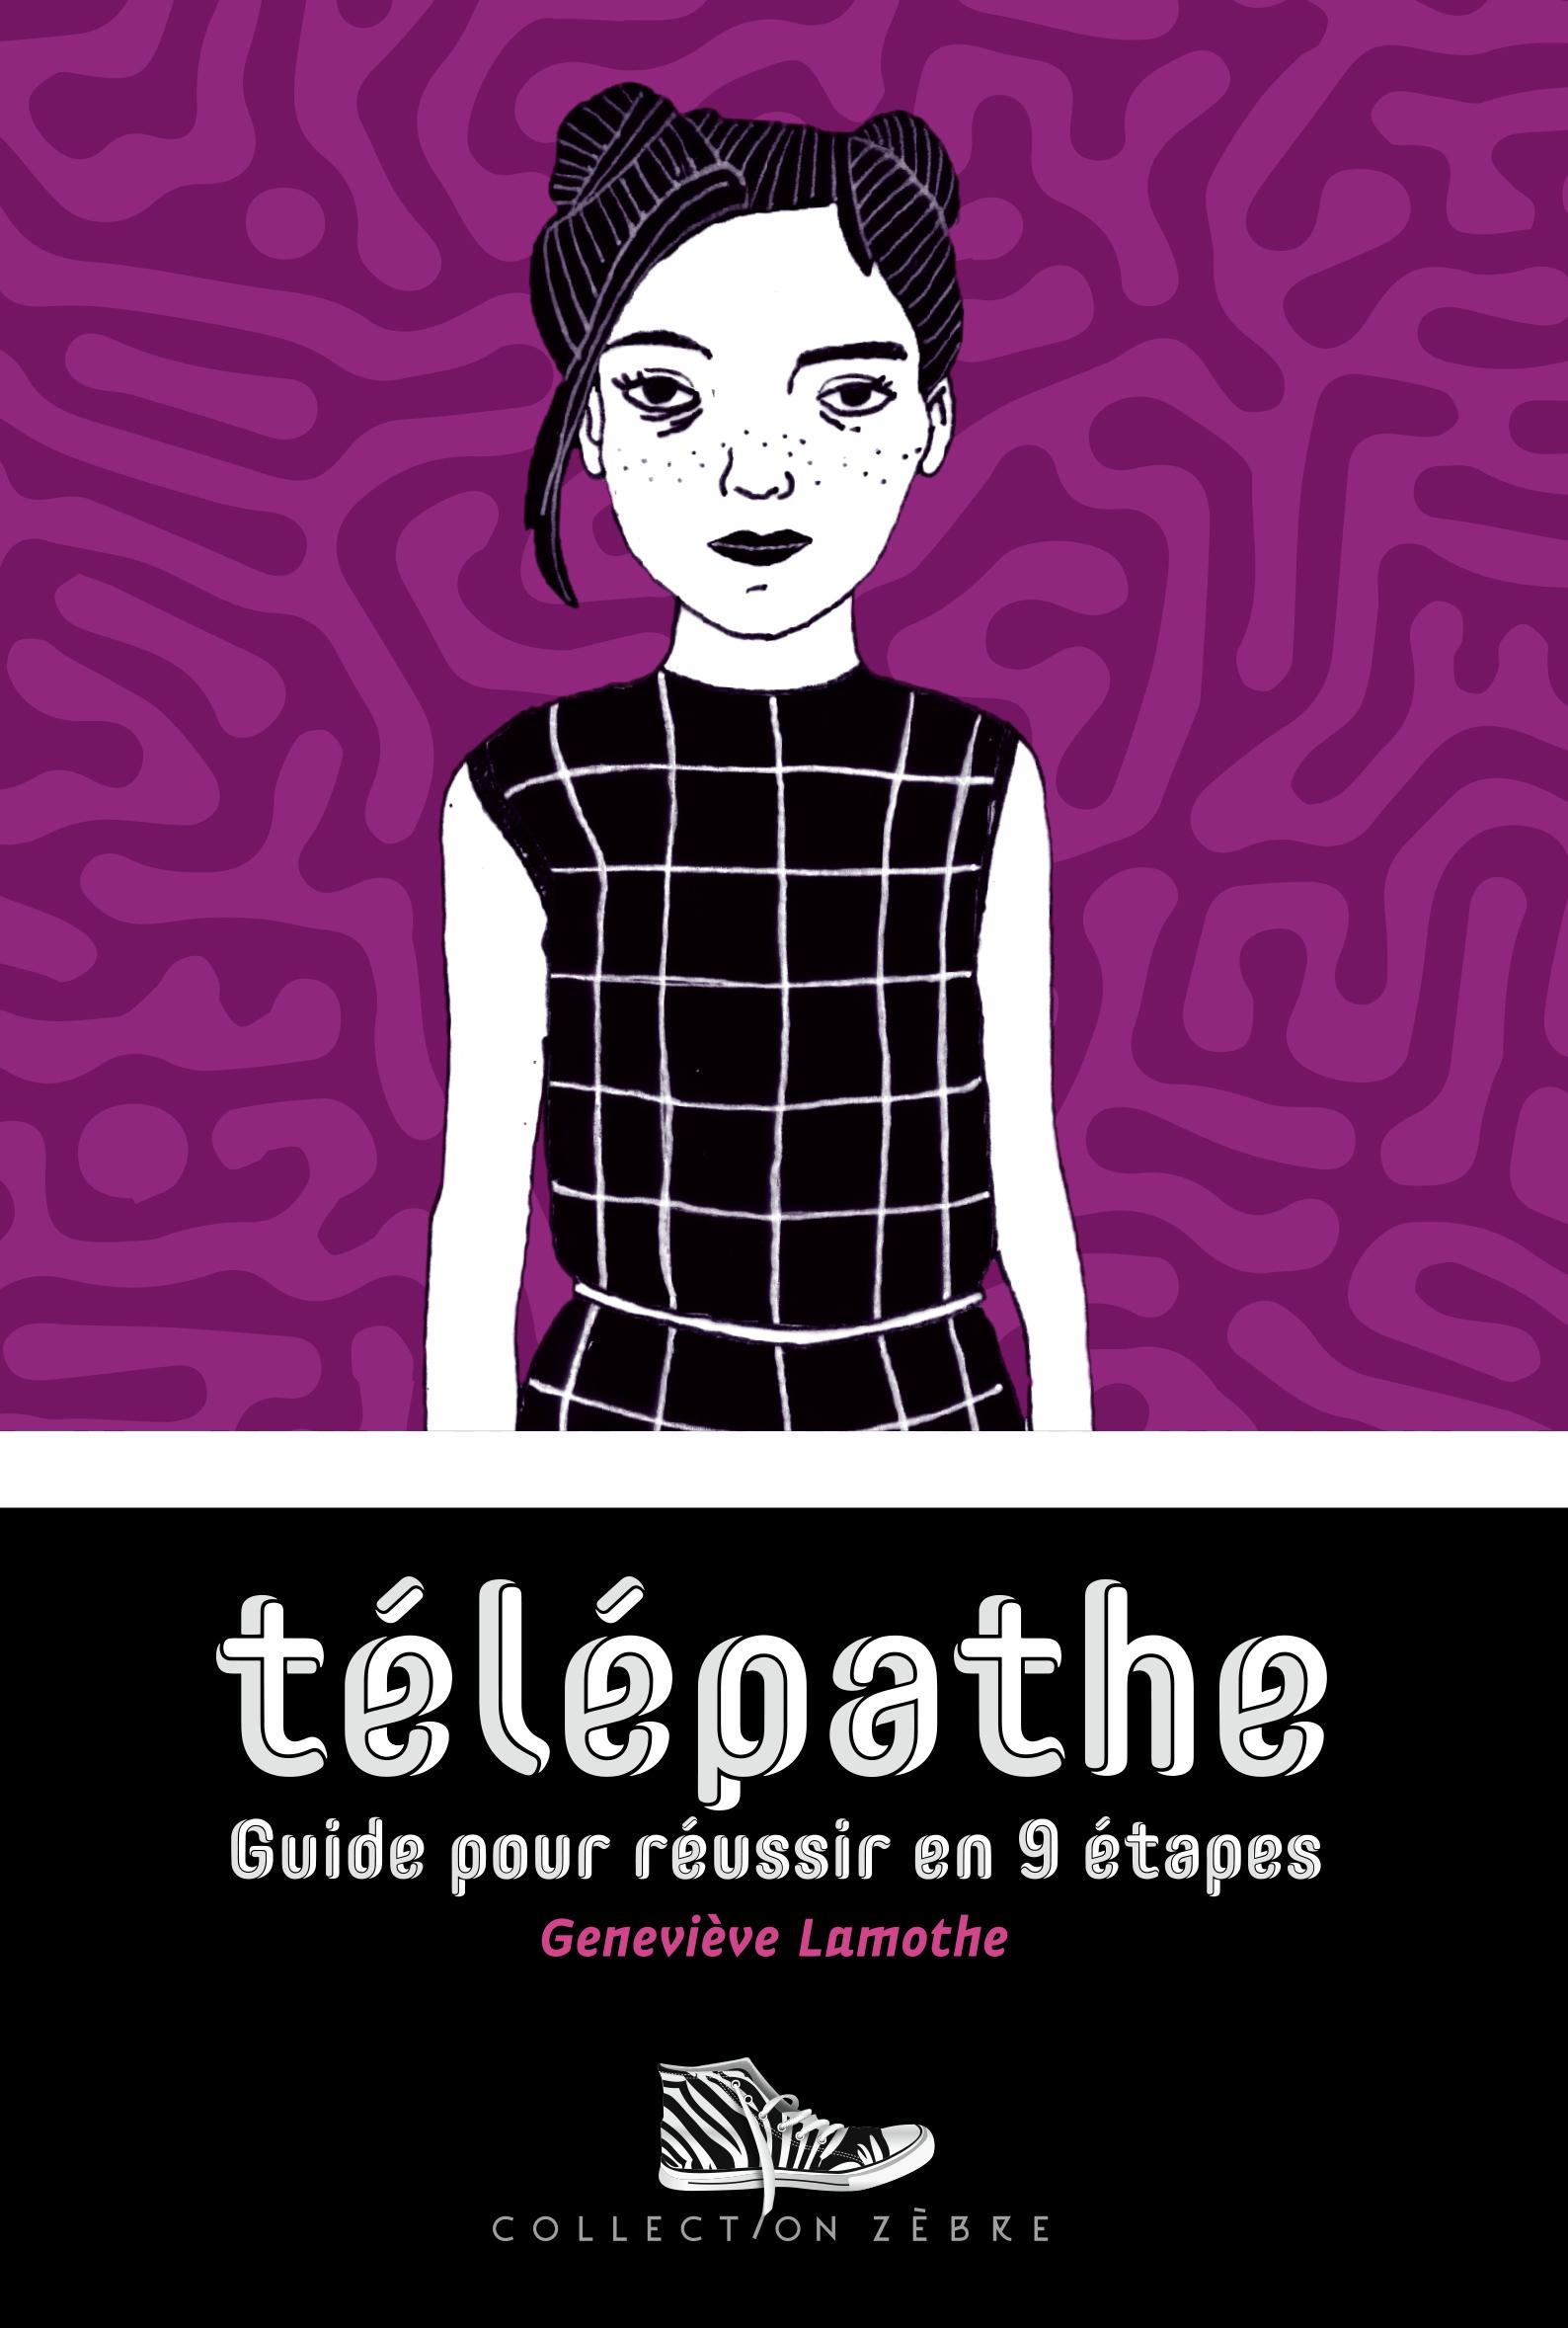 Télépathe, Guide pour réussir en 9 étapes